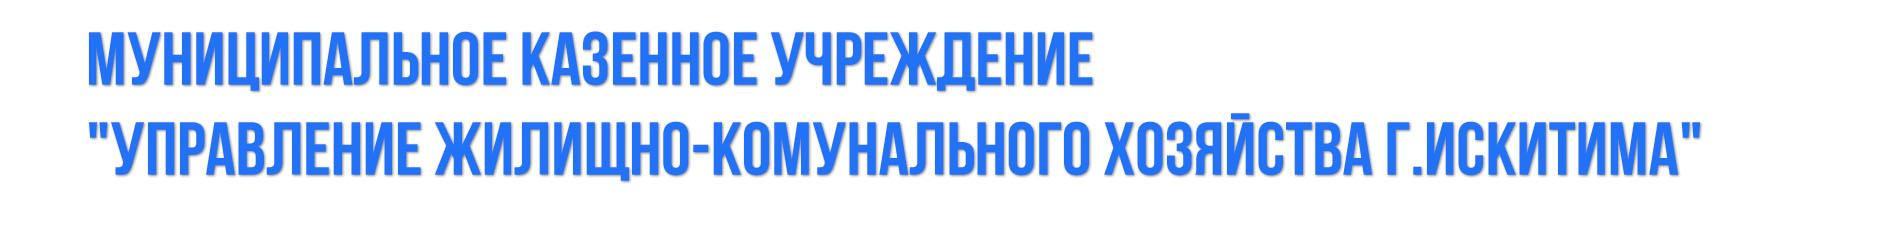 """Муниципальное казенное учреждение """"Управление жилищно-комунального хозяйства  г.Искитима"""""""